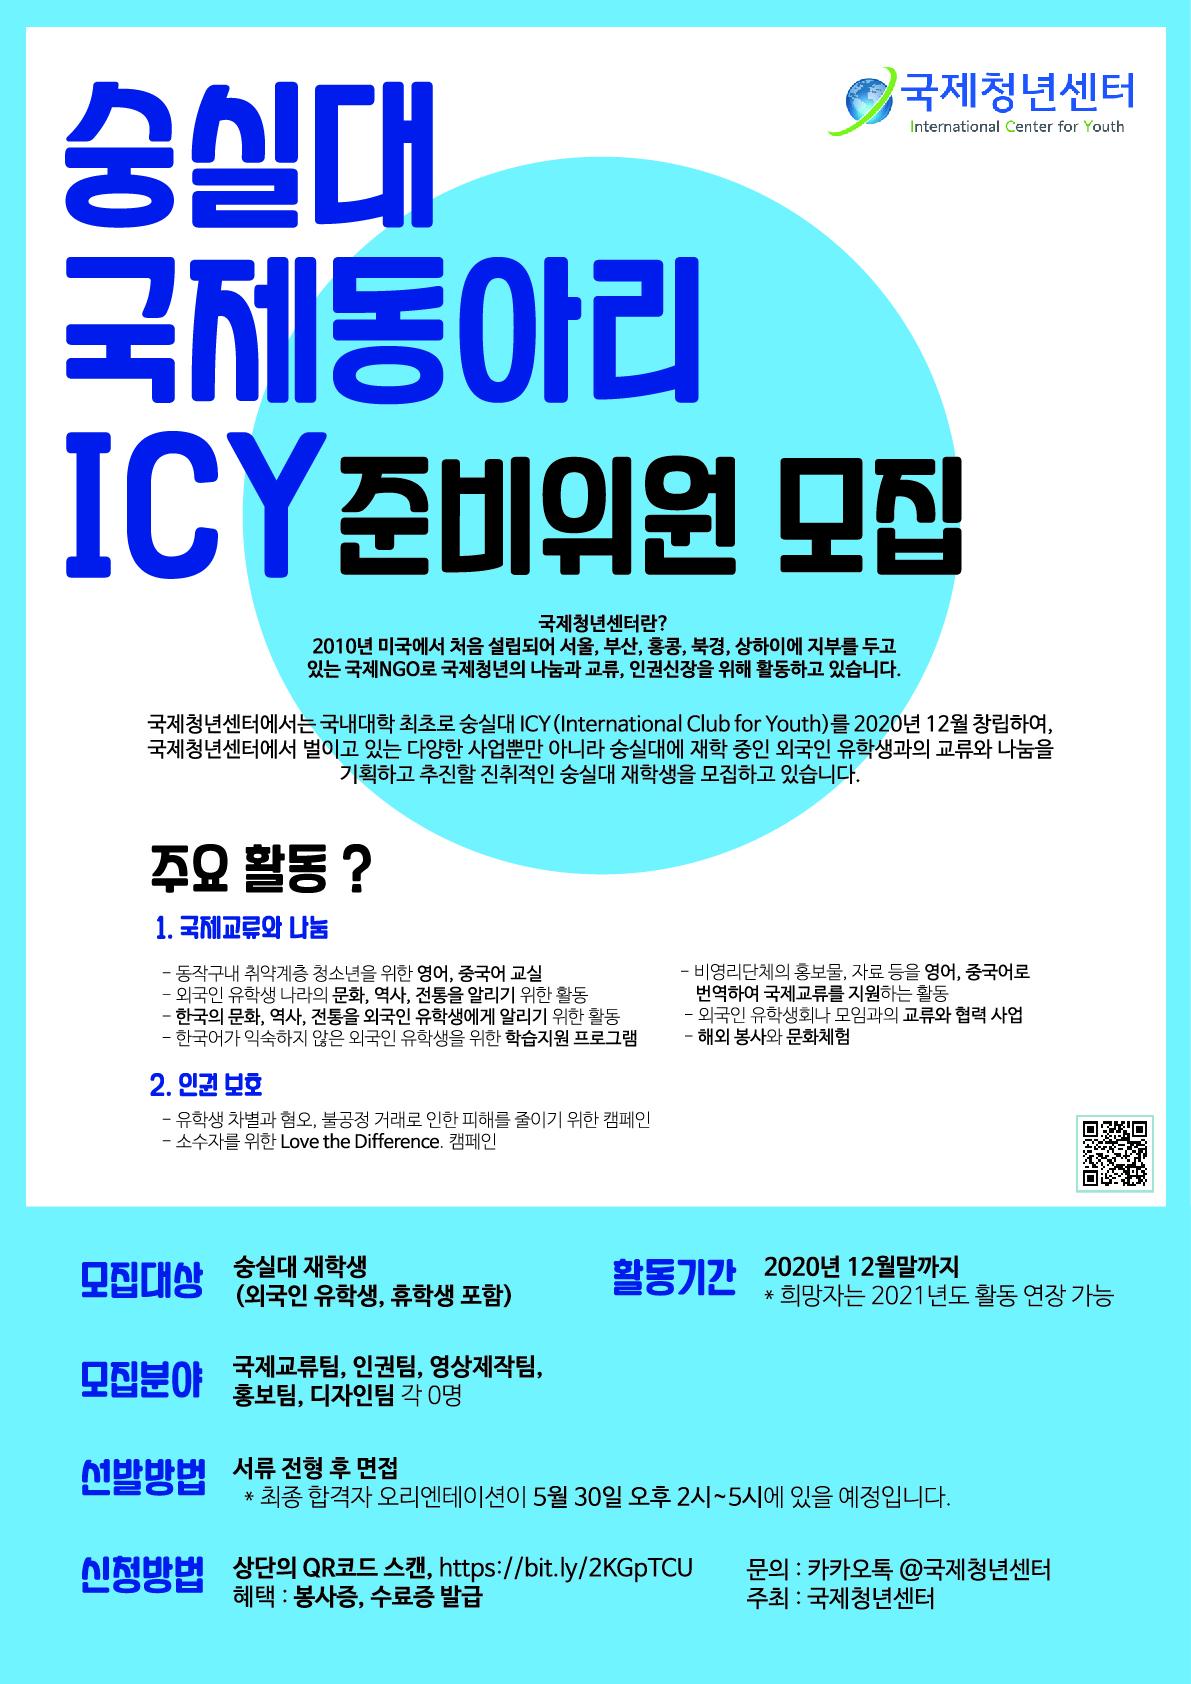 숭실대 국제동아리 ICY 설립준비위원 모집(~5/27)